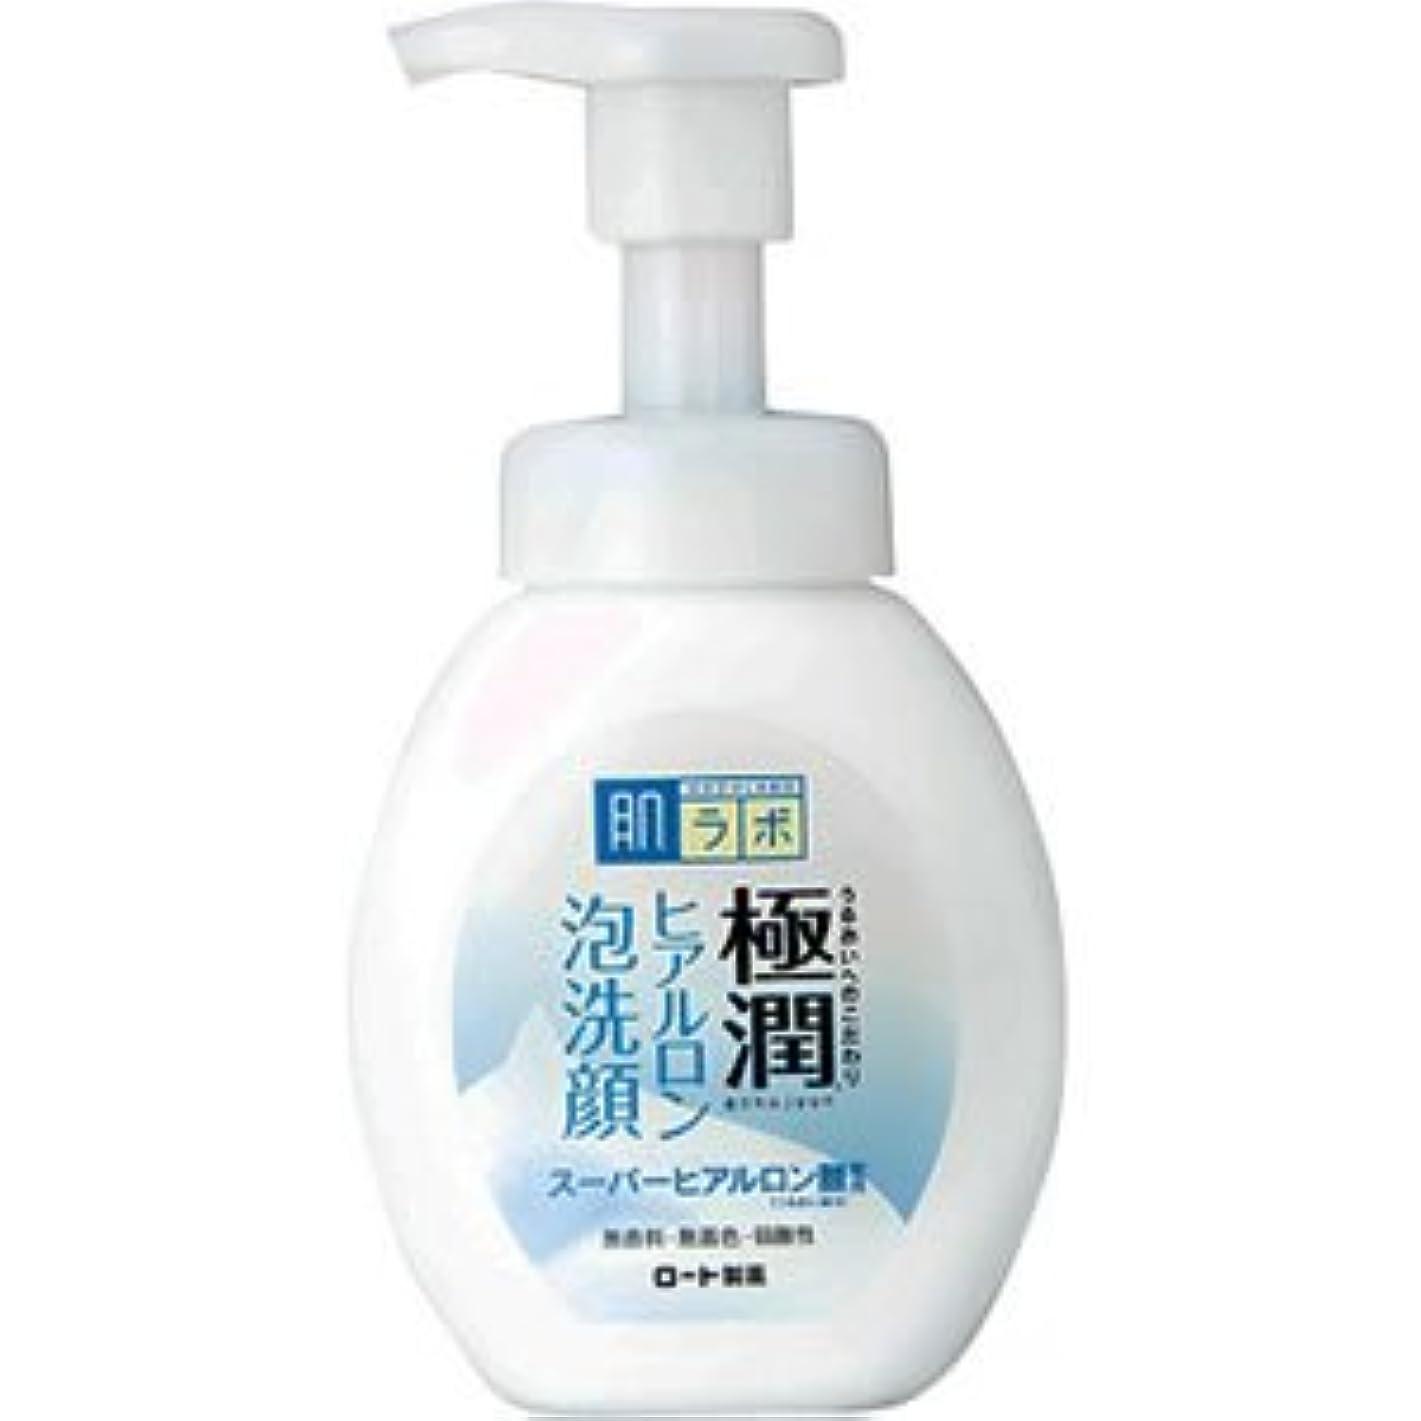 ベスト達成発掘(ロート製薬)肌研 極潤ヒアルロン泡洗顔 160ml